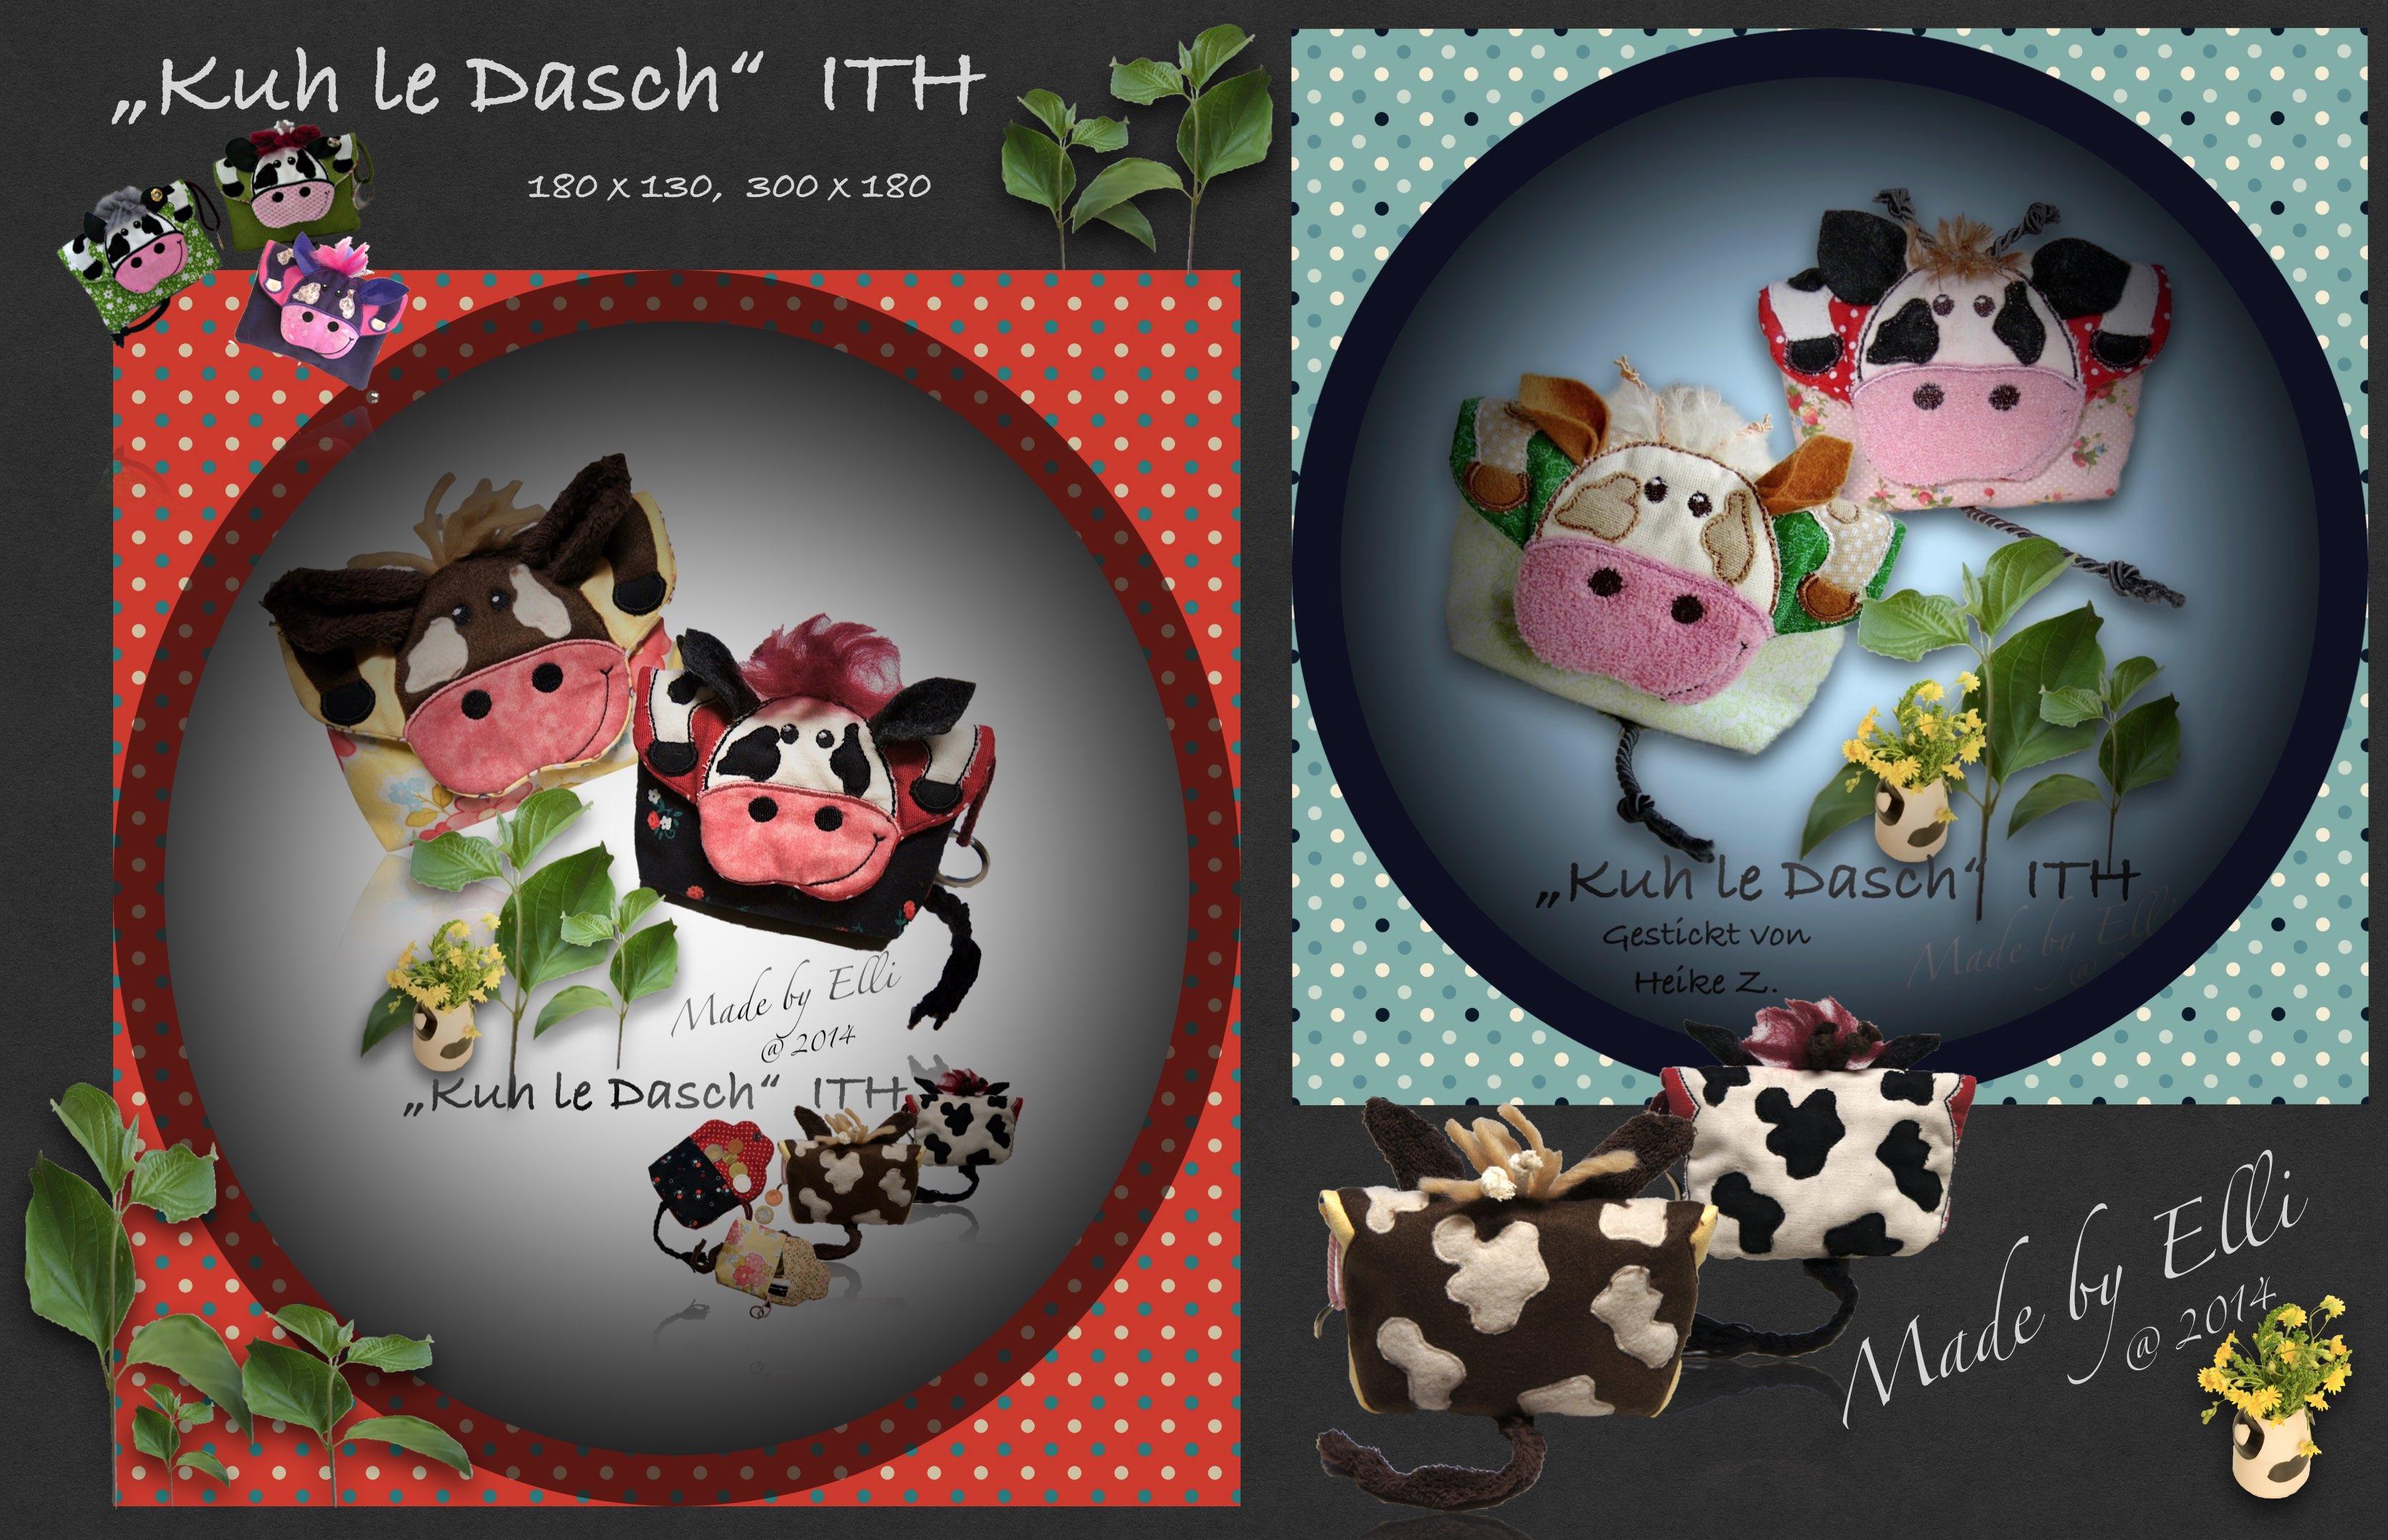 Kuh le Dasch